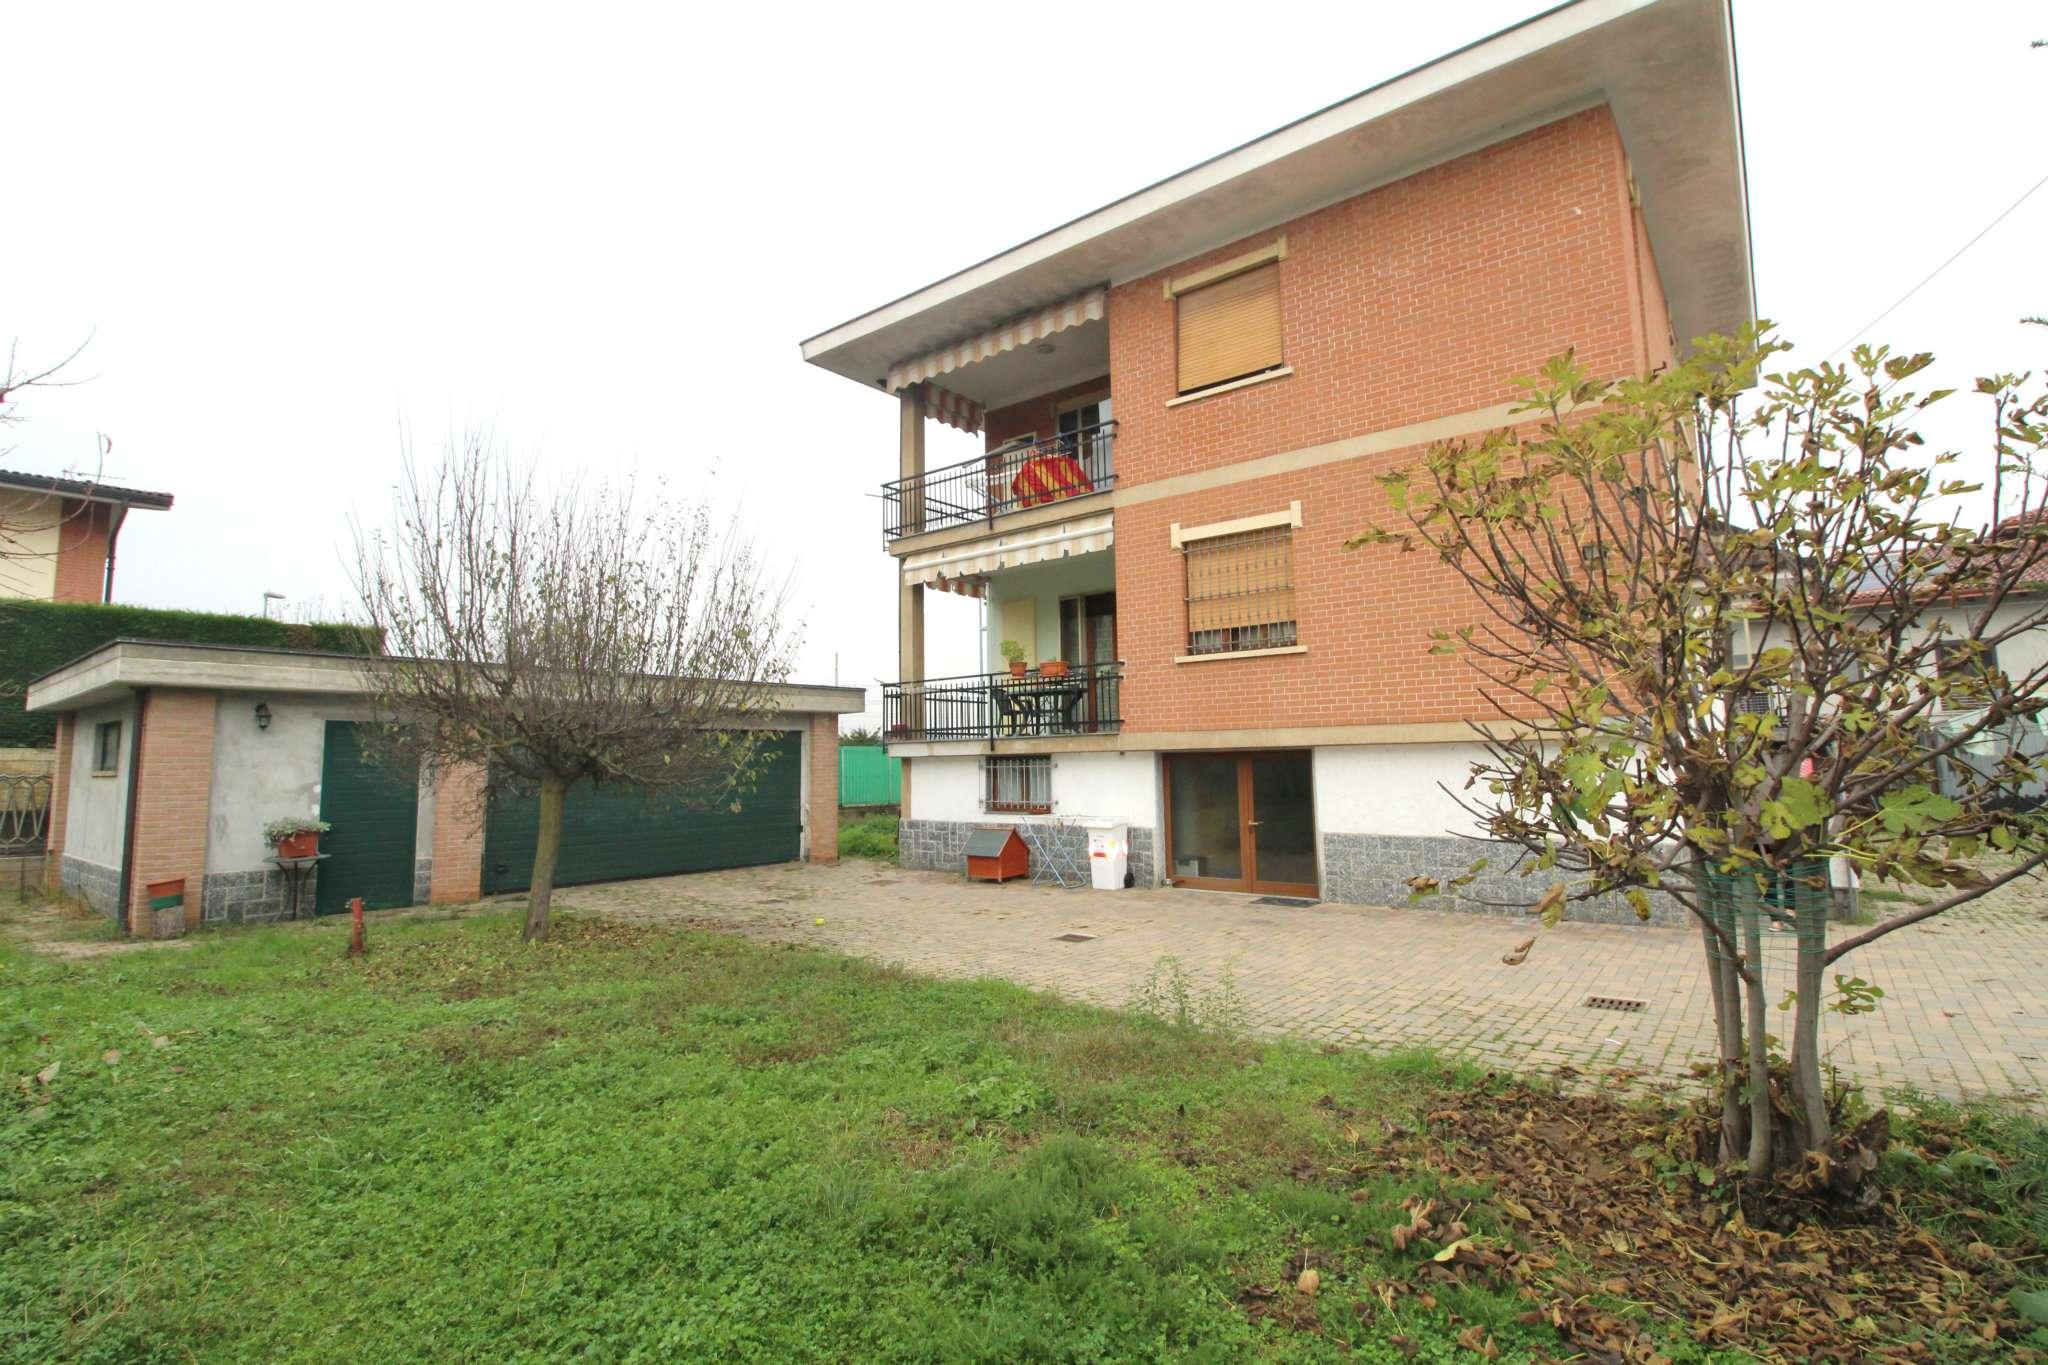 Villetta a schiera ristrutturato in vendita Rif. 8647871